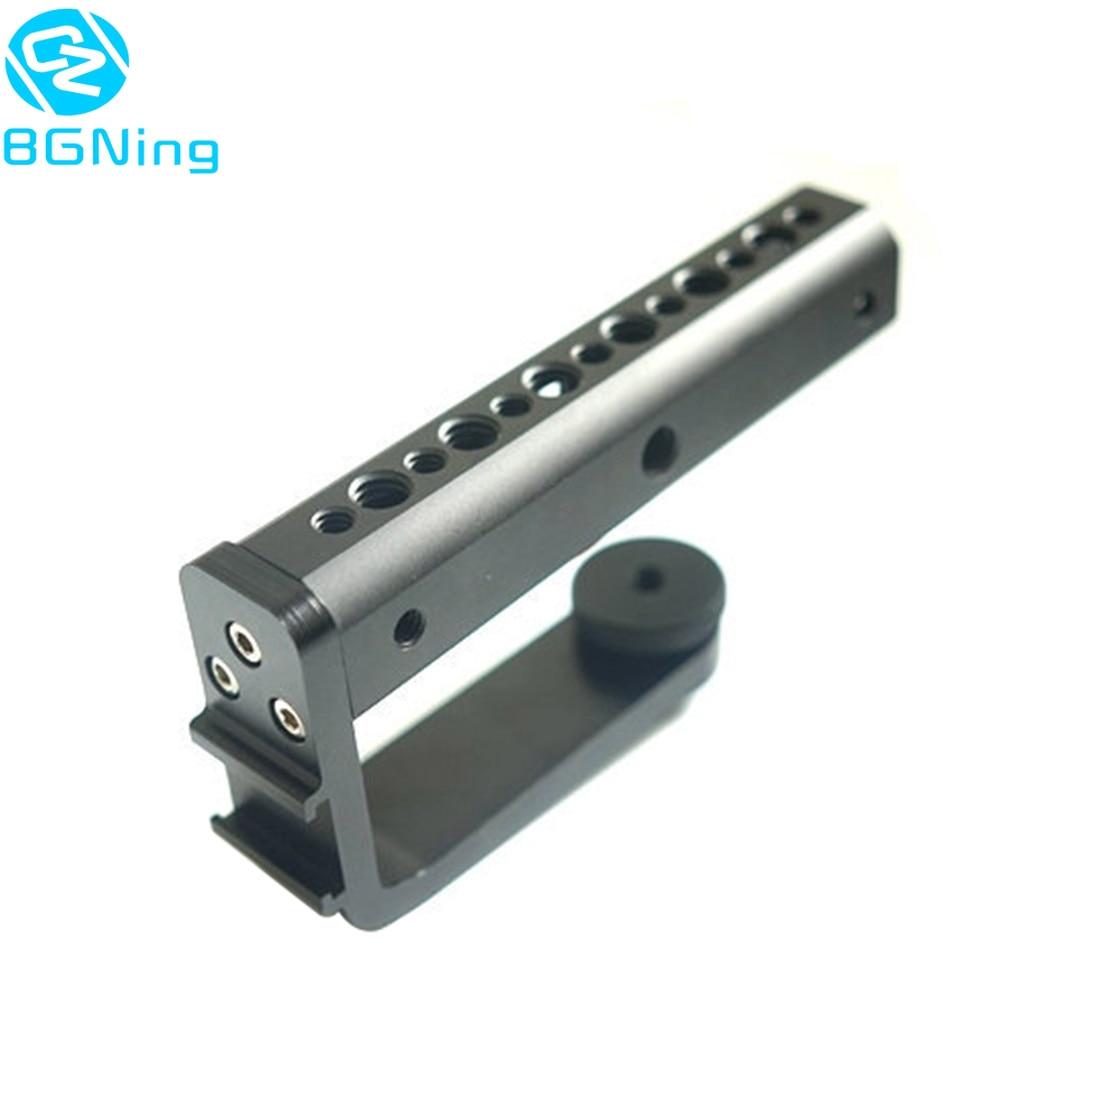 Nouvelle poignée en alliage daluminium poignées support de tige dextension pour DJI Ronin S pour Zhiyun grue 2 stabilisateur cardan pour caméra daction